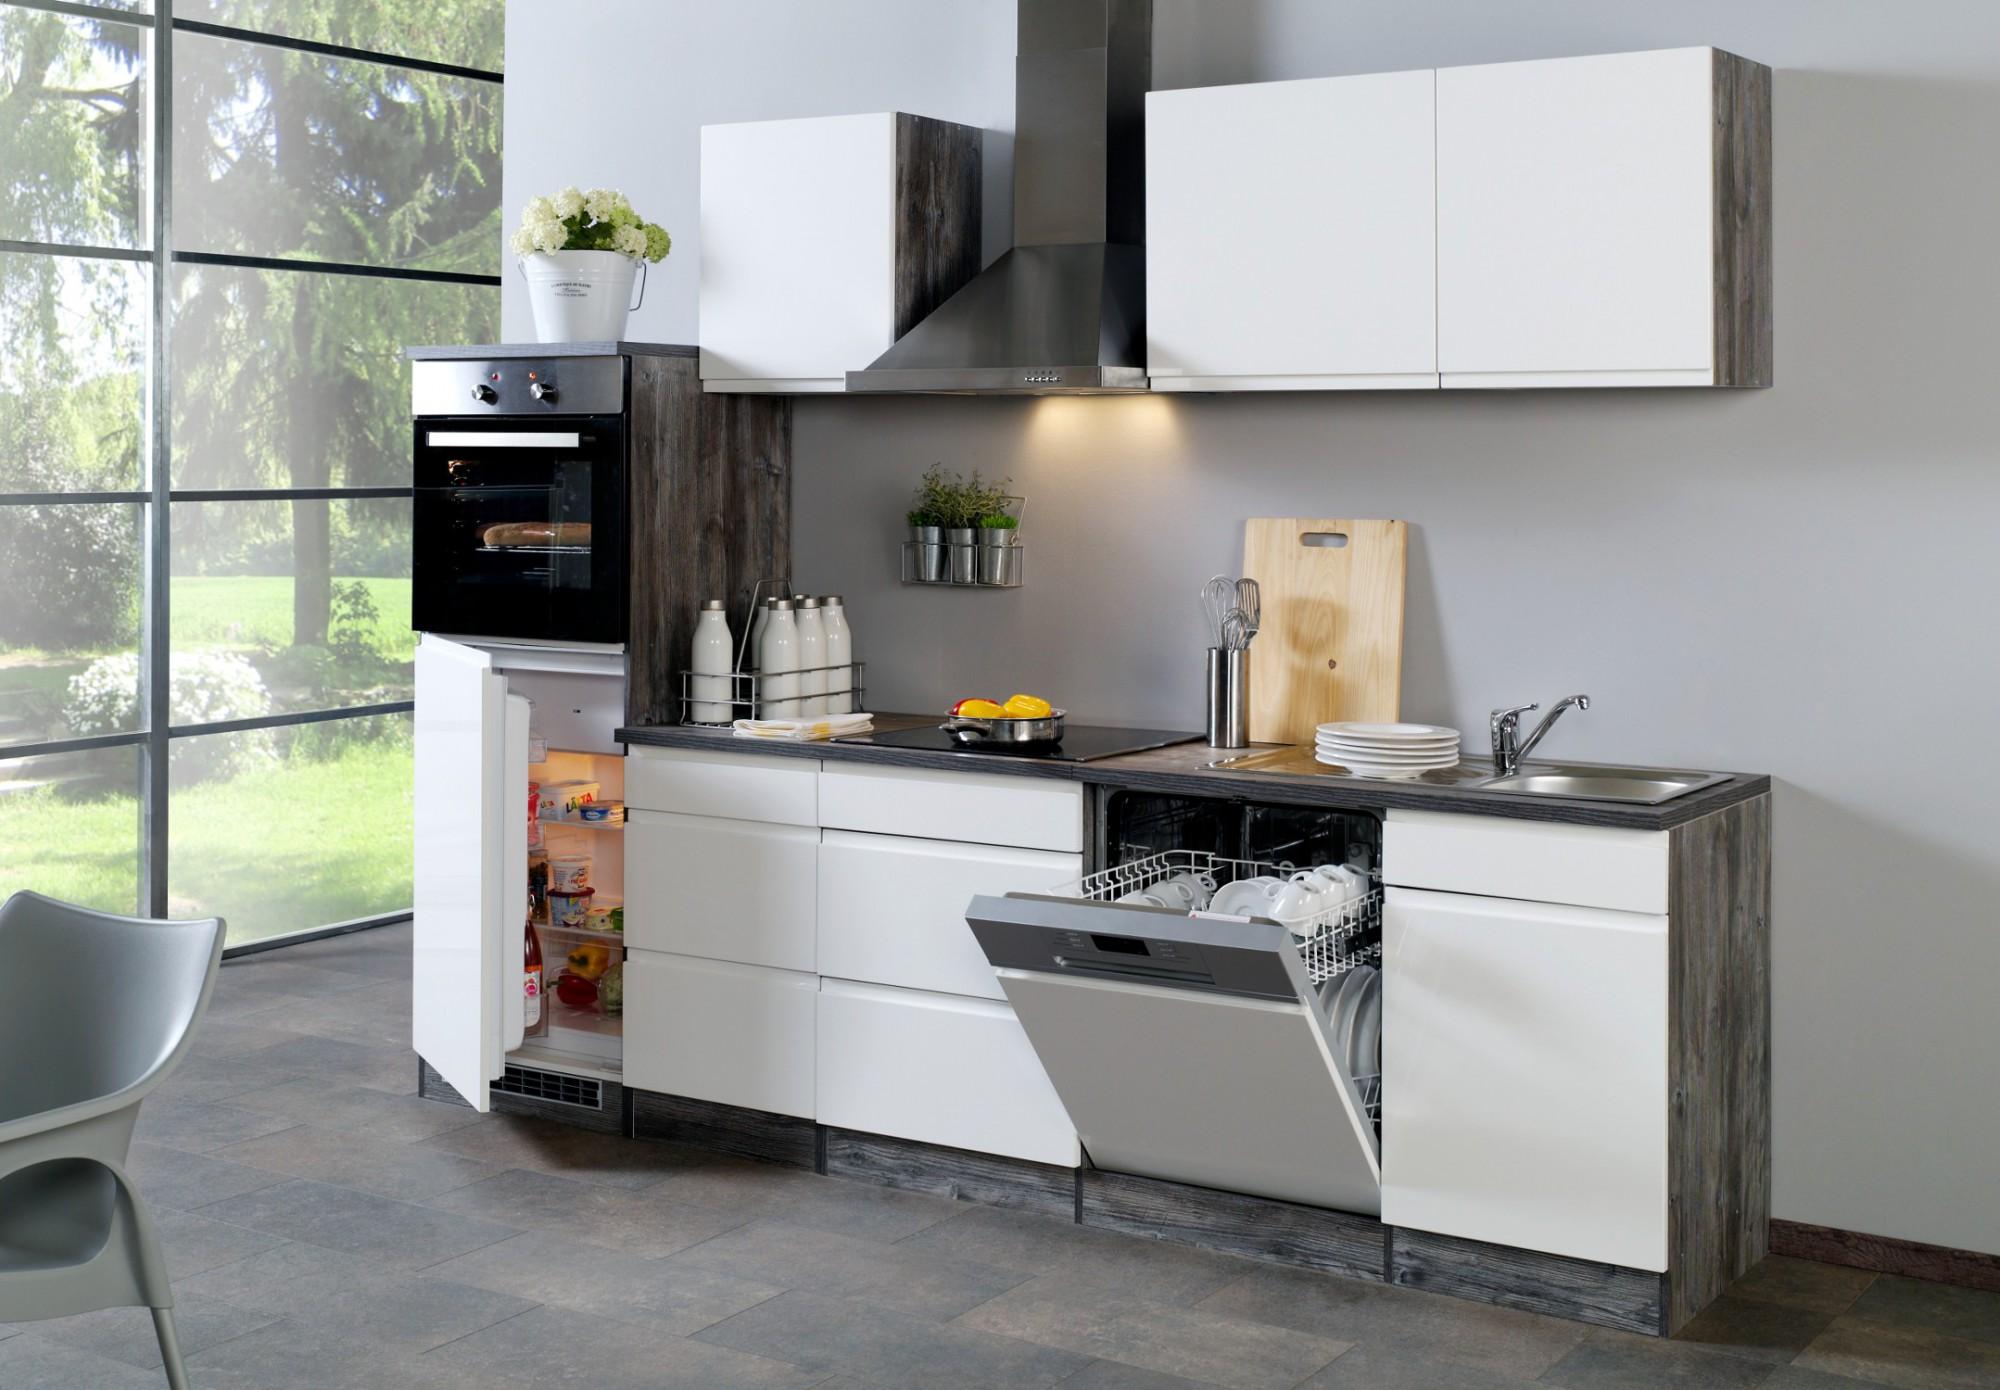 Full Size of Küche Mit Elektrogeräten Real Küche Mit Elektrogeräten U Form Küche Mit Elektrogeräten Billig Kaufen Küche Mit Elektrogeräten Und Montage Küche Eckküche Mit Elektrogeräten